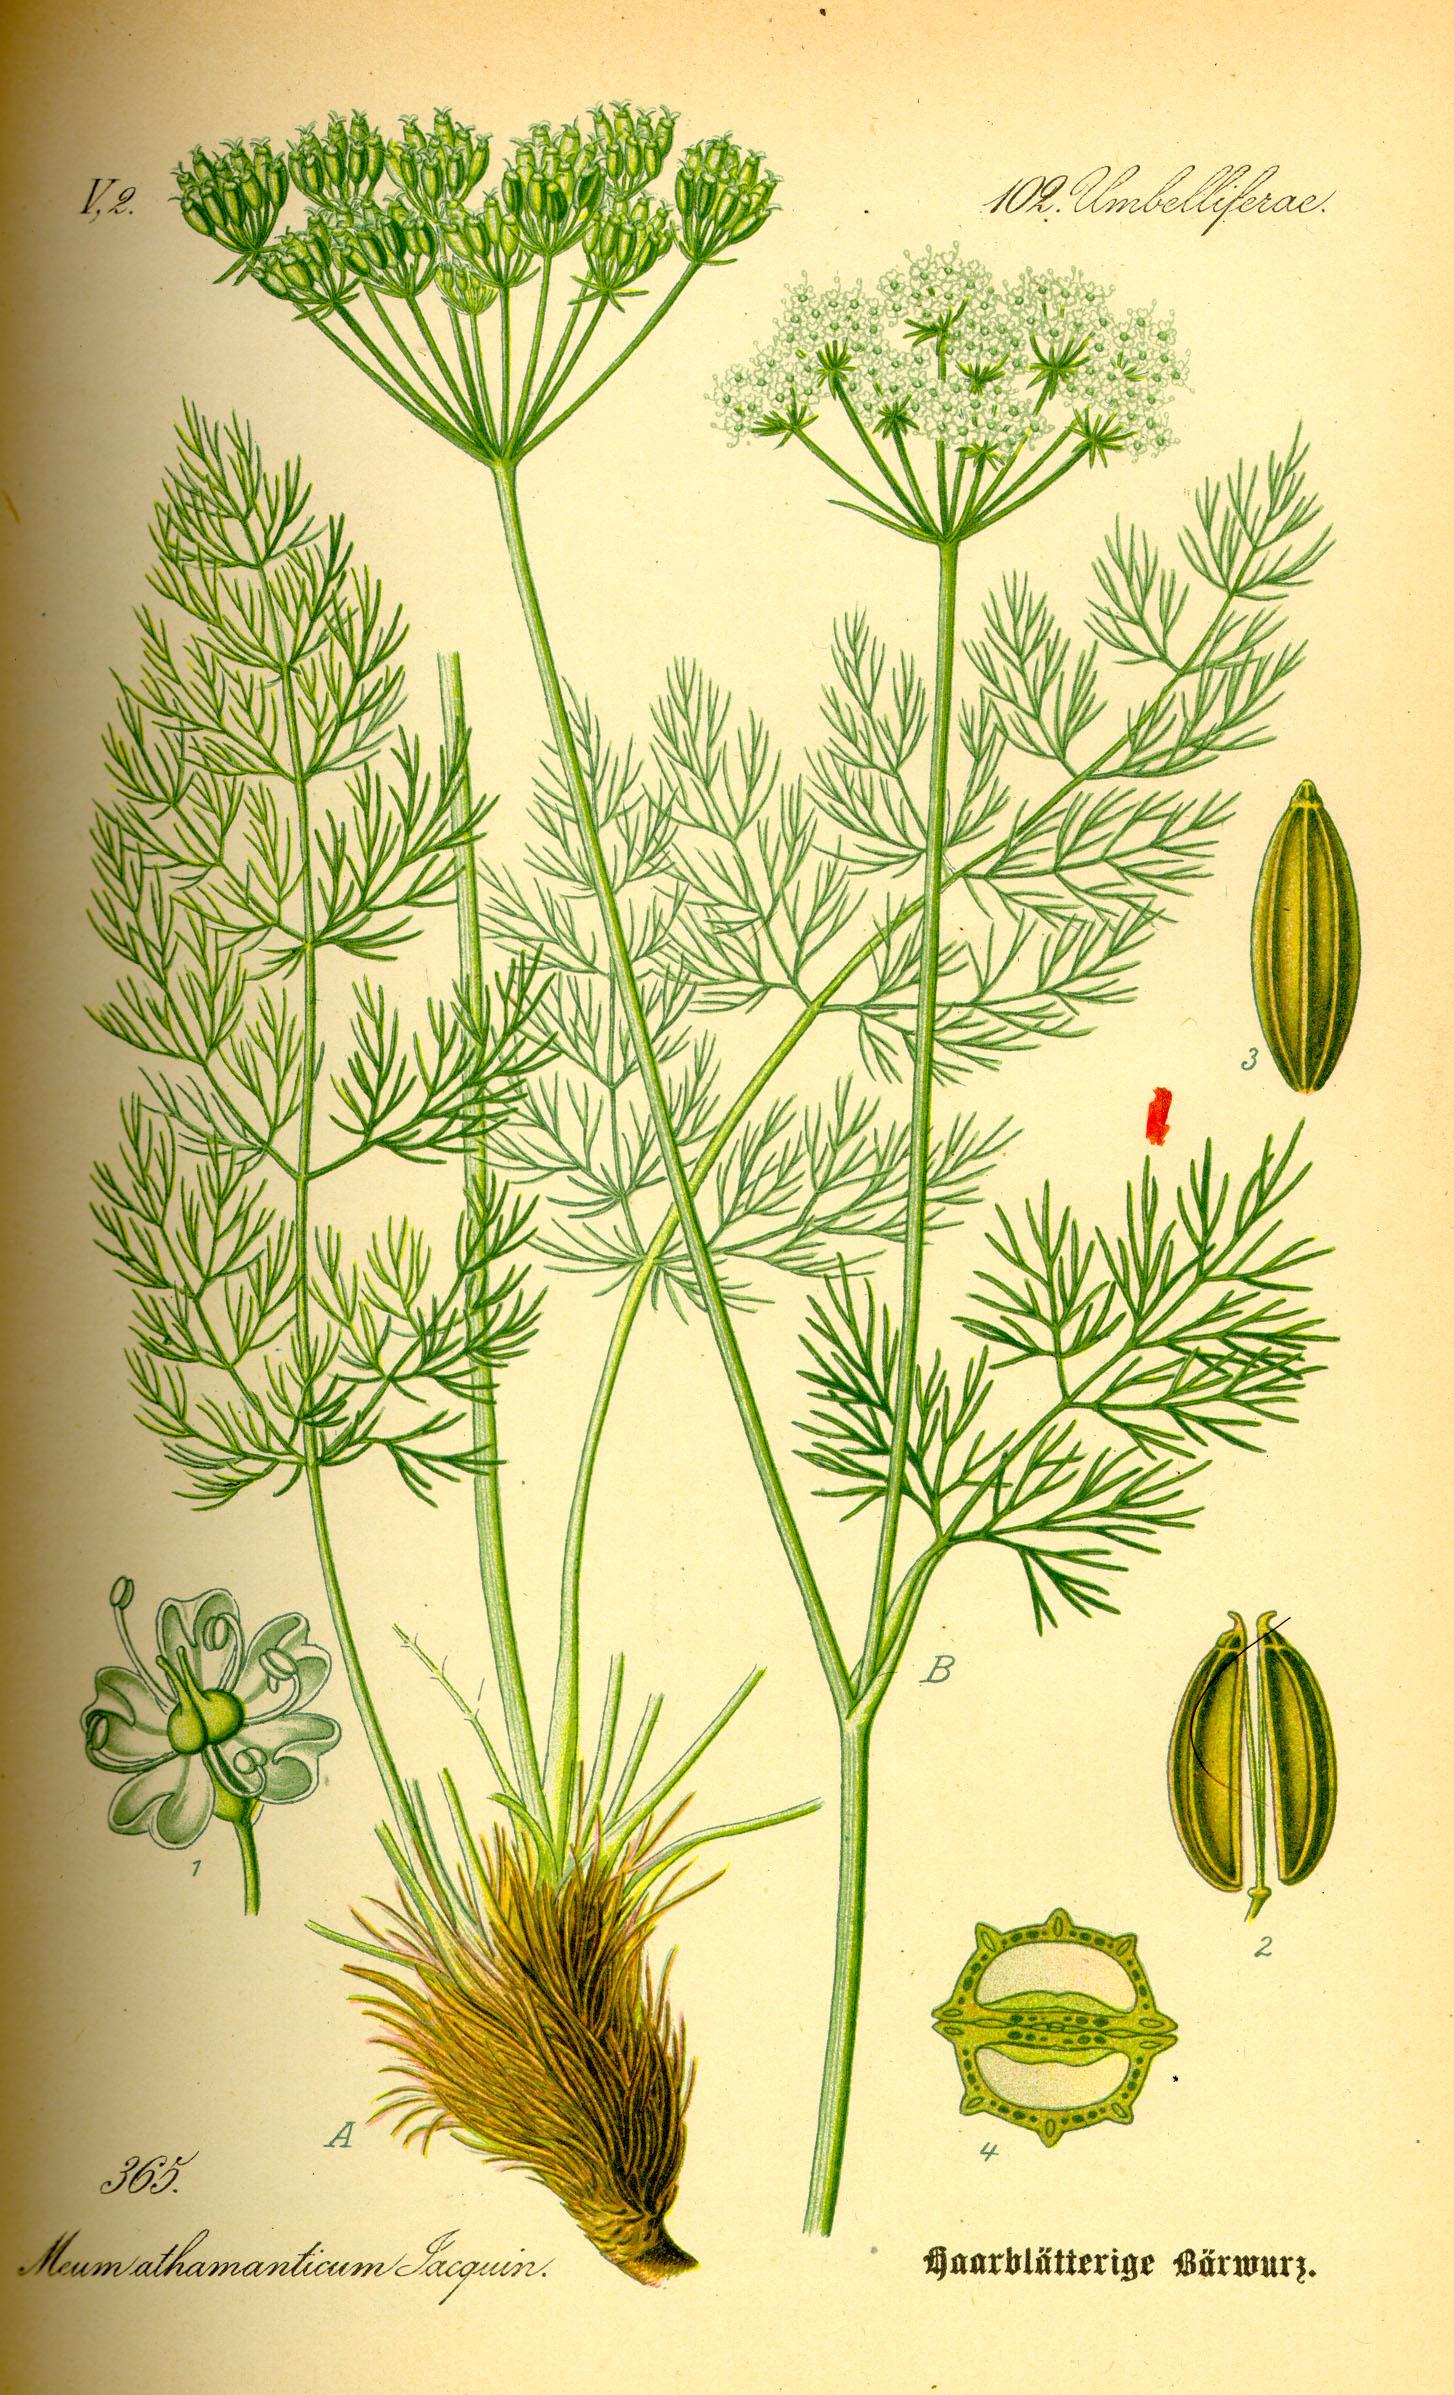 O. W. Thomé: Haarblätterige Bärwurz; in: Flora von Deutschland, Österreich und der Schweiz; bei Wikipedia Commons